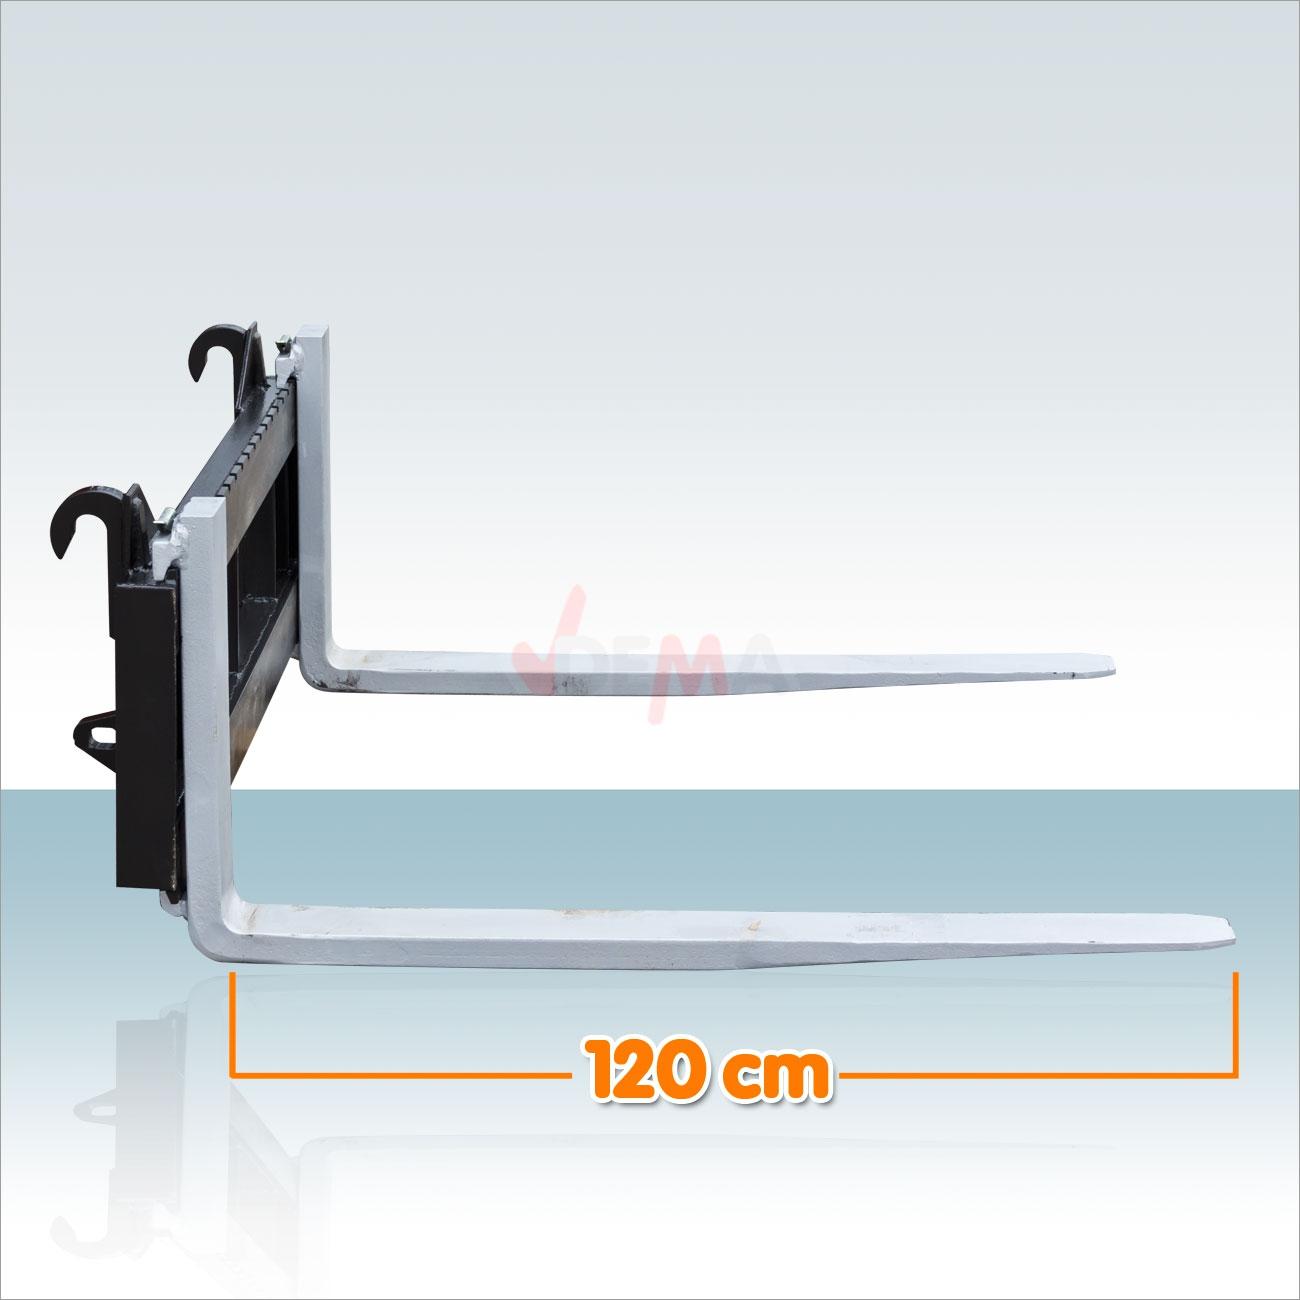 palettengabel staplergabel mit schild f r frontlader 1 5 t. Black Bedroom Furniture Sets. Home Design Ideas